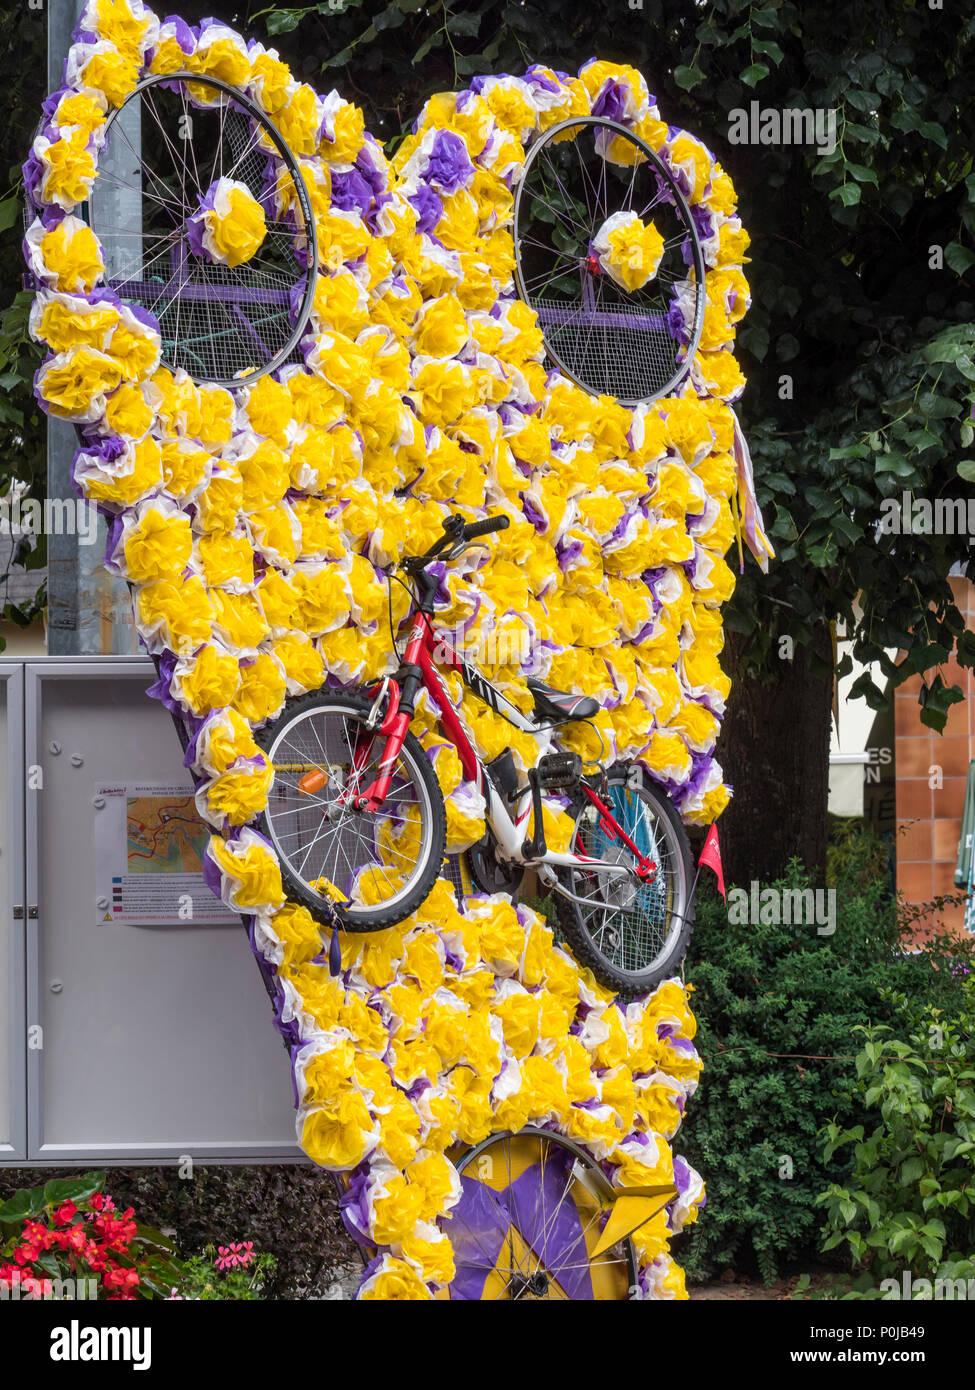 Street Flower arrangement Chambon sur Lignon Haute-Loire Auvergne-Rhône-Alpes France Stock Photo